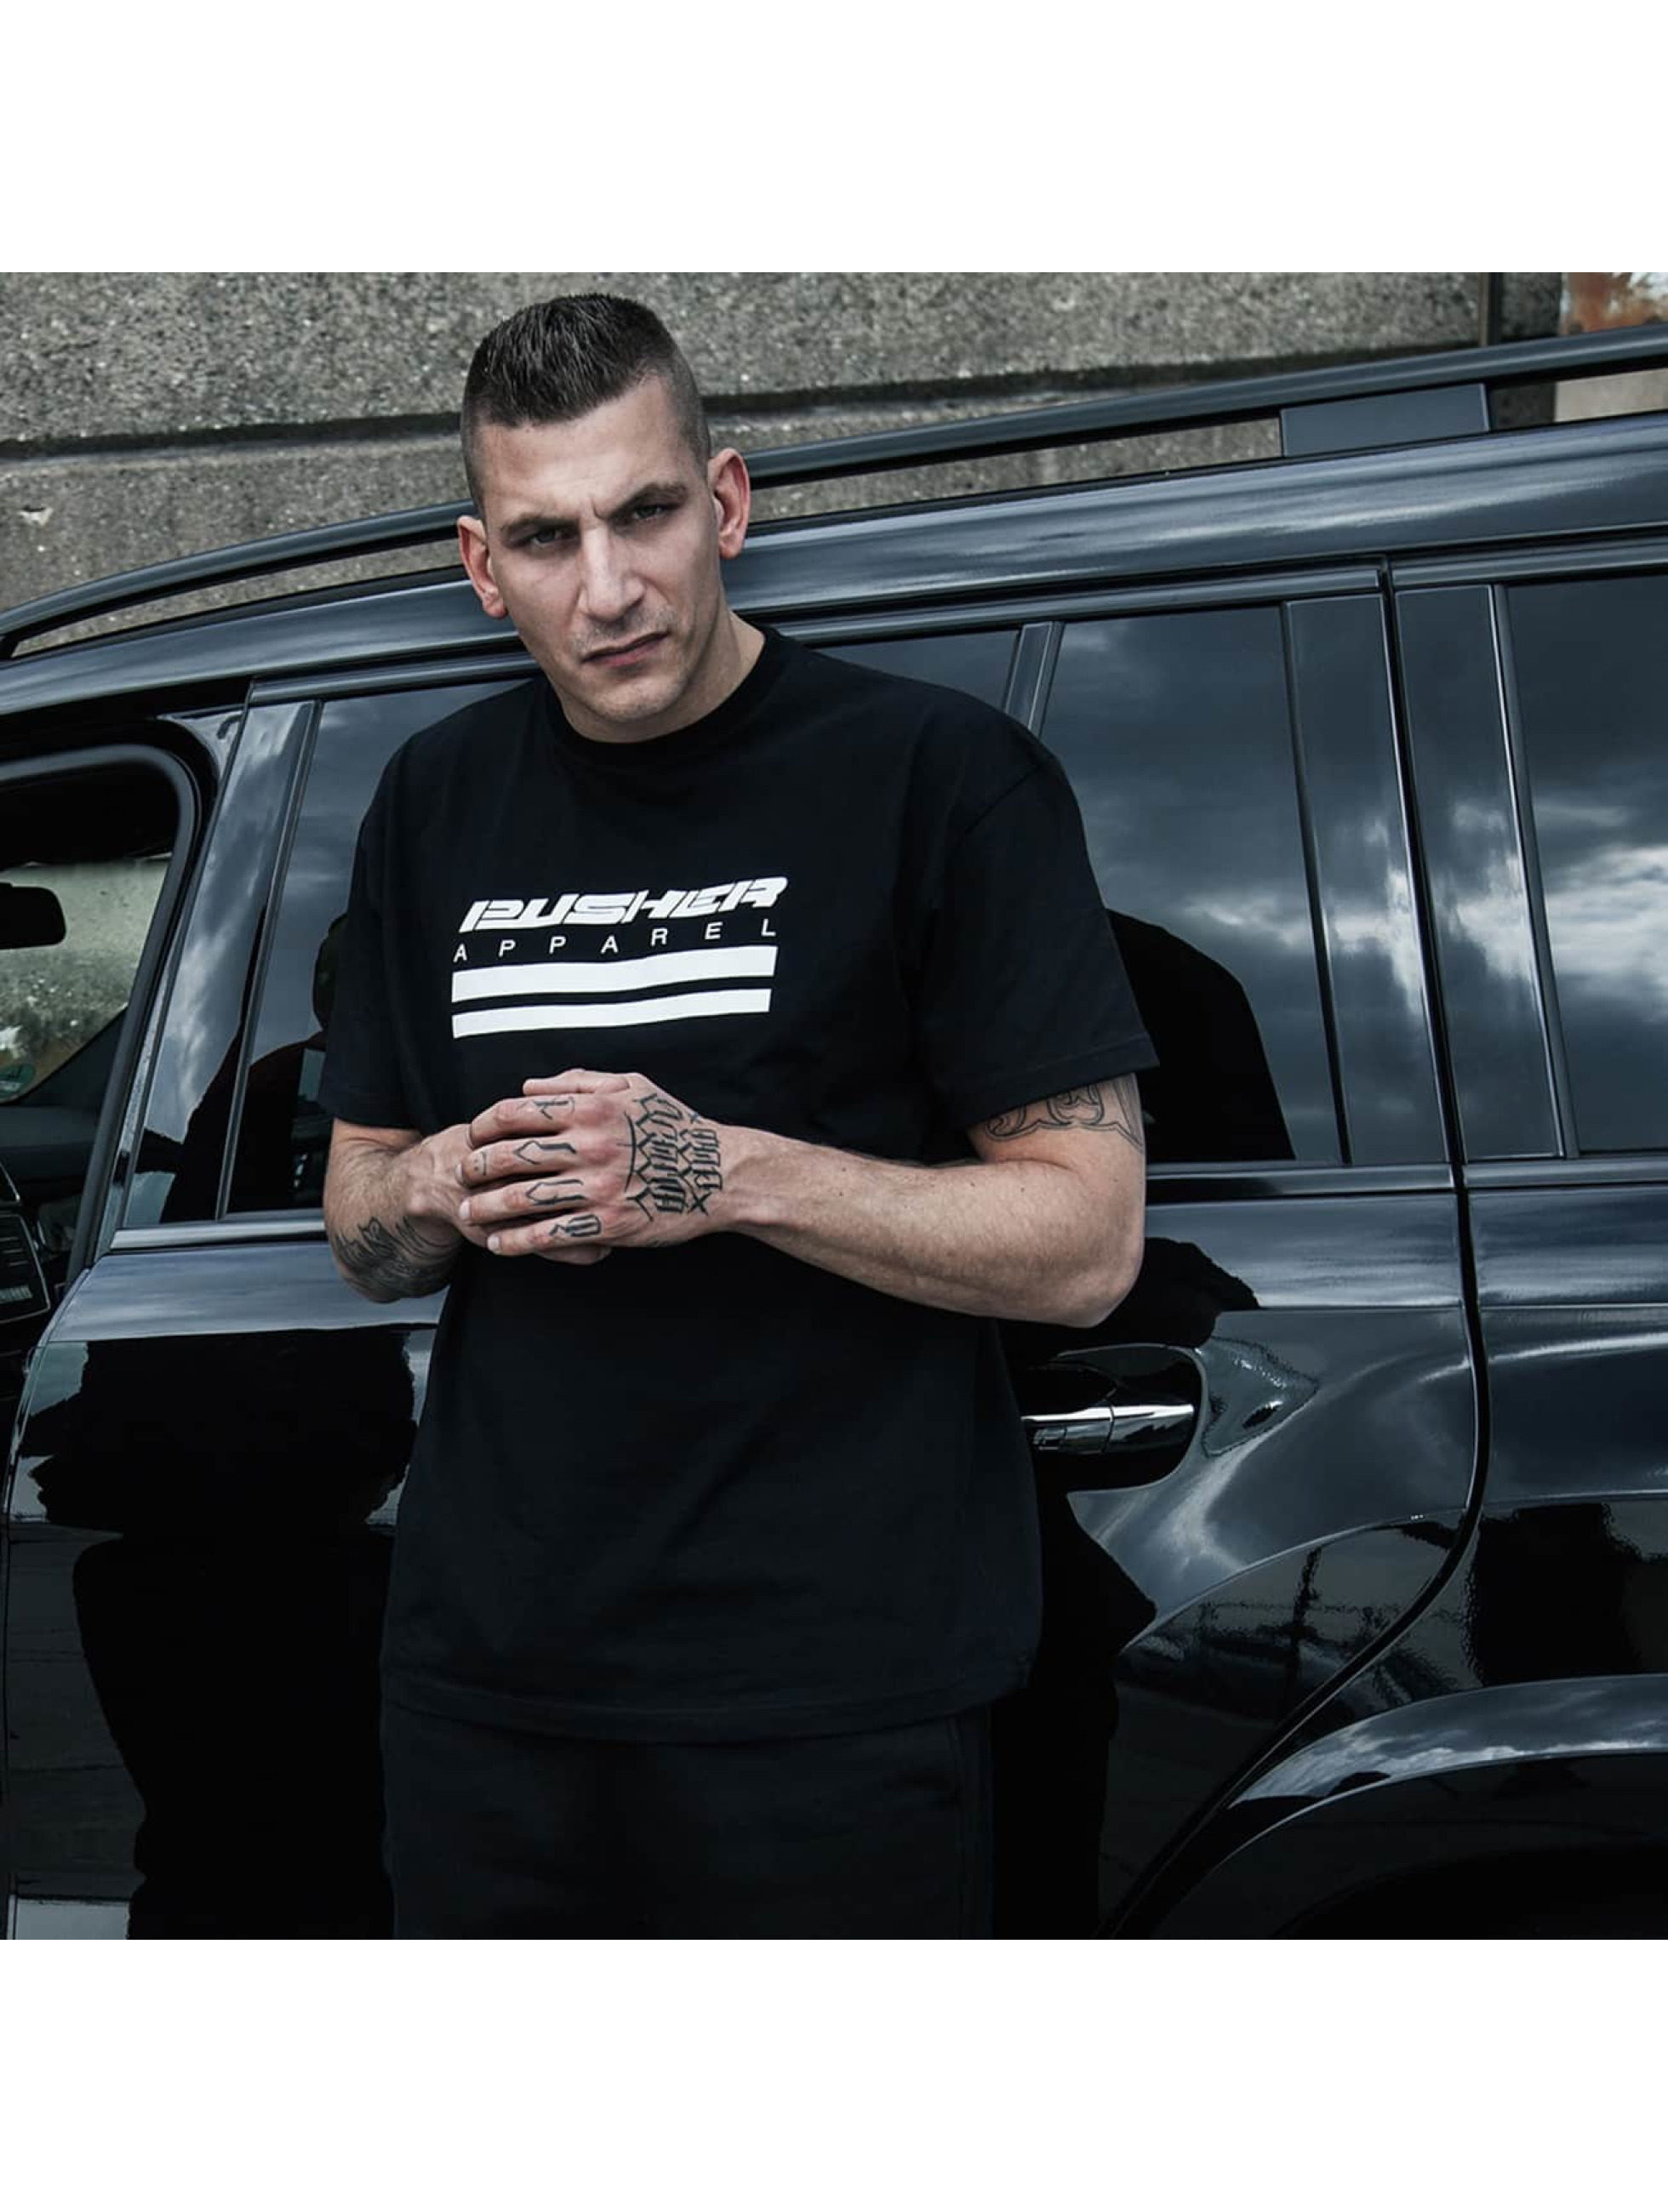 Pusher Apparel T-Shirt Apparel 503 Theft noir